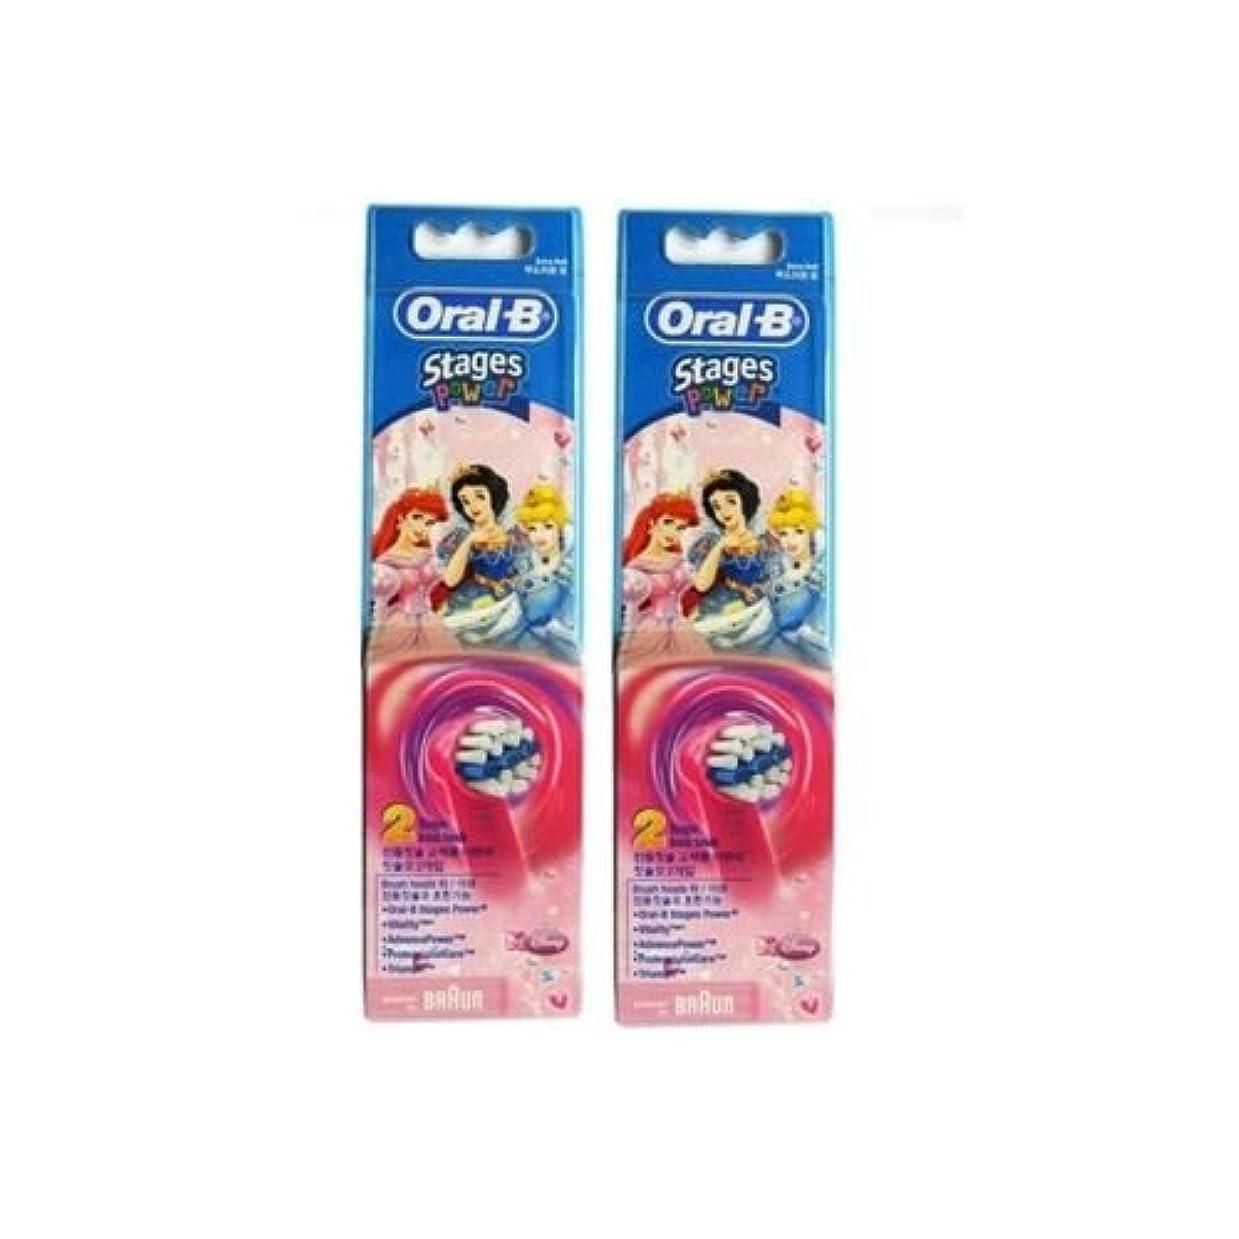 困惑むしゃむしゃ意識Braun Oral-B EB10-2 Disney Princess 歯ブラシ交換用ブラシヘッド 2Pack [並行輸入品]